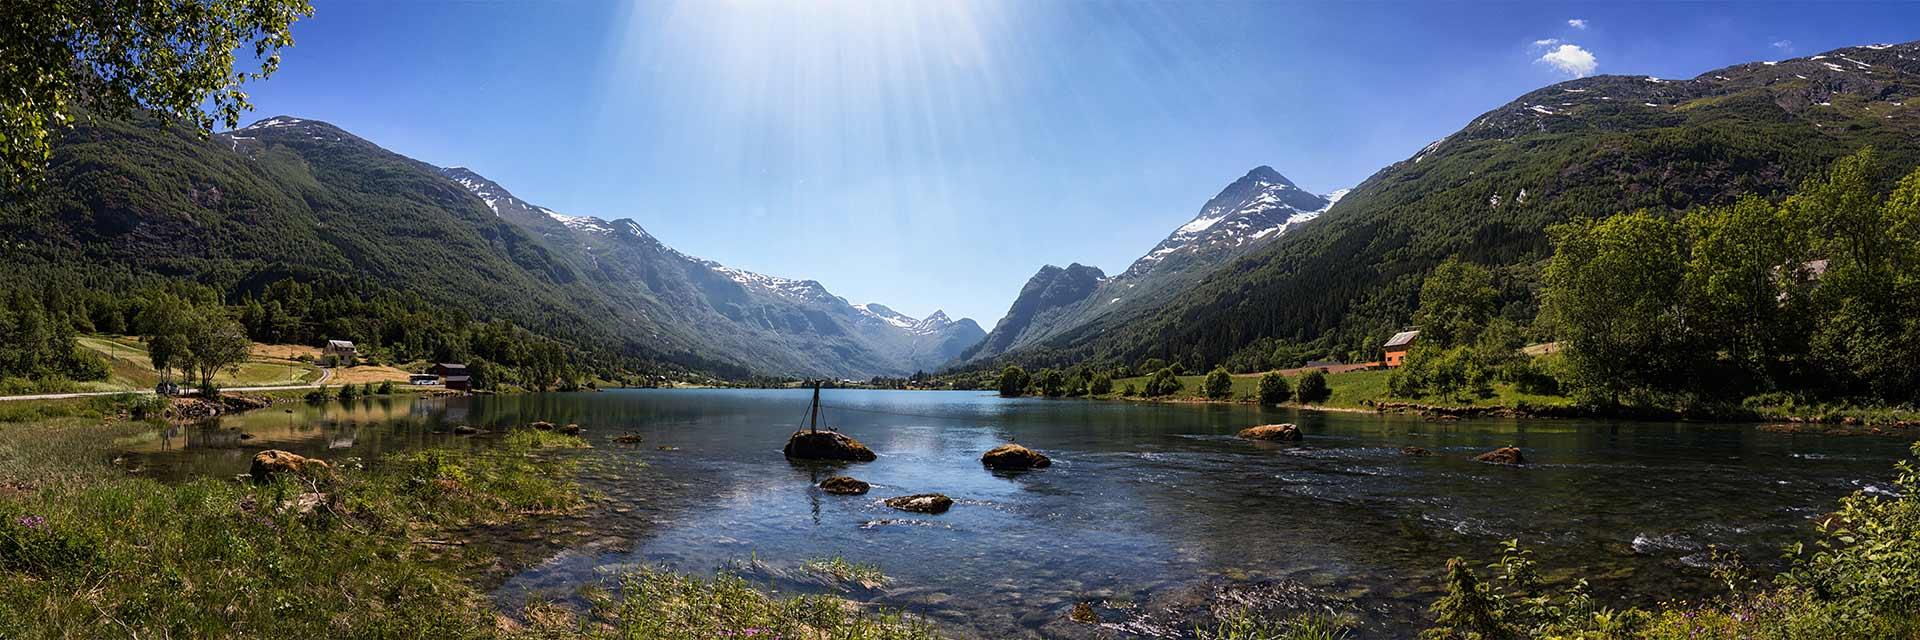 Noorwegen, Schotland, IJsland, reizen